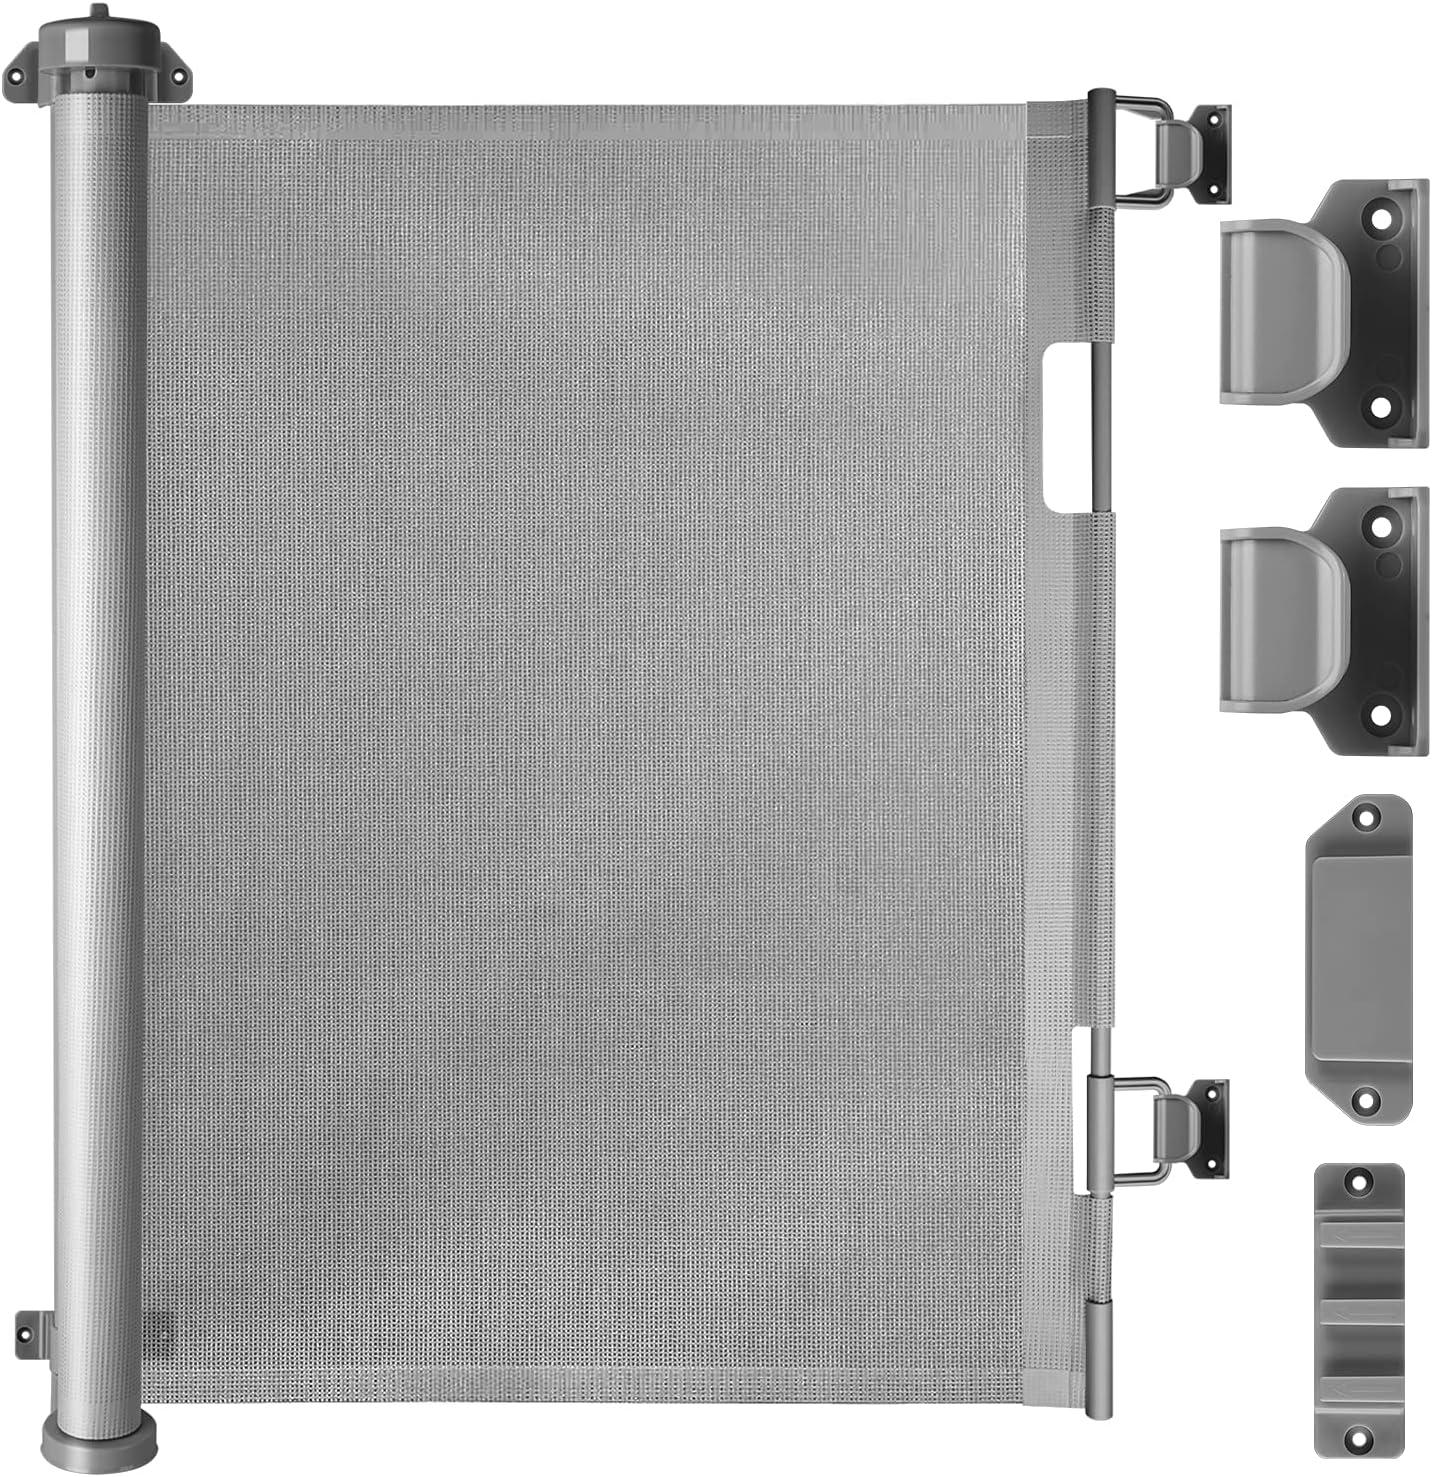 0-180cm Barrera Seguridad Retráctil Puertas, Satisure Barrera de Seguridad niños, Uso Más Suave y Silencioso, para Escaleras y Pasillos, Interiores y Exteriores